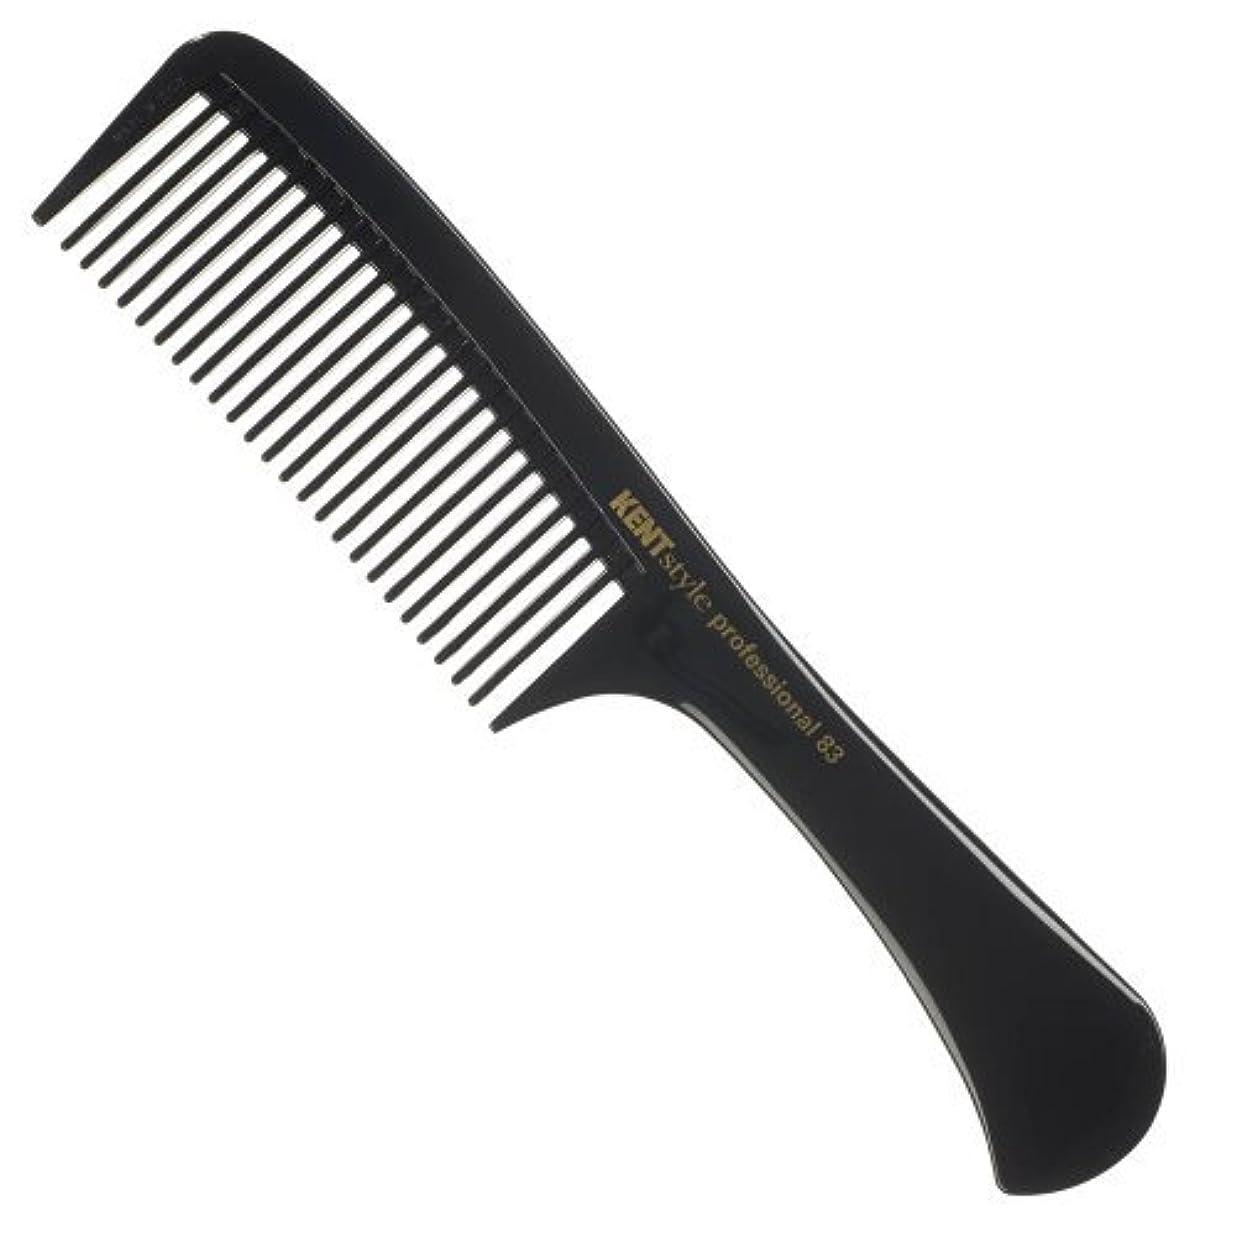 大学魅了する抑圧Kent Style Professional Combs (Black) - Hard Rubber, Anti-static, Unbreakable & Heat Resistant - Salon & Barber...